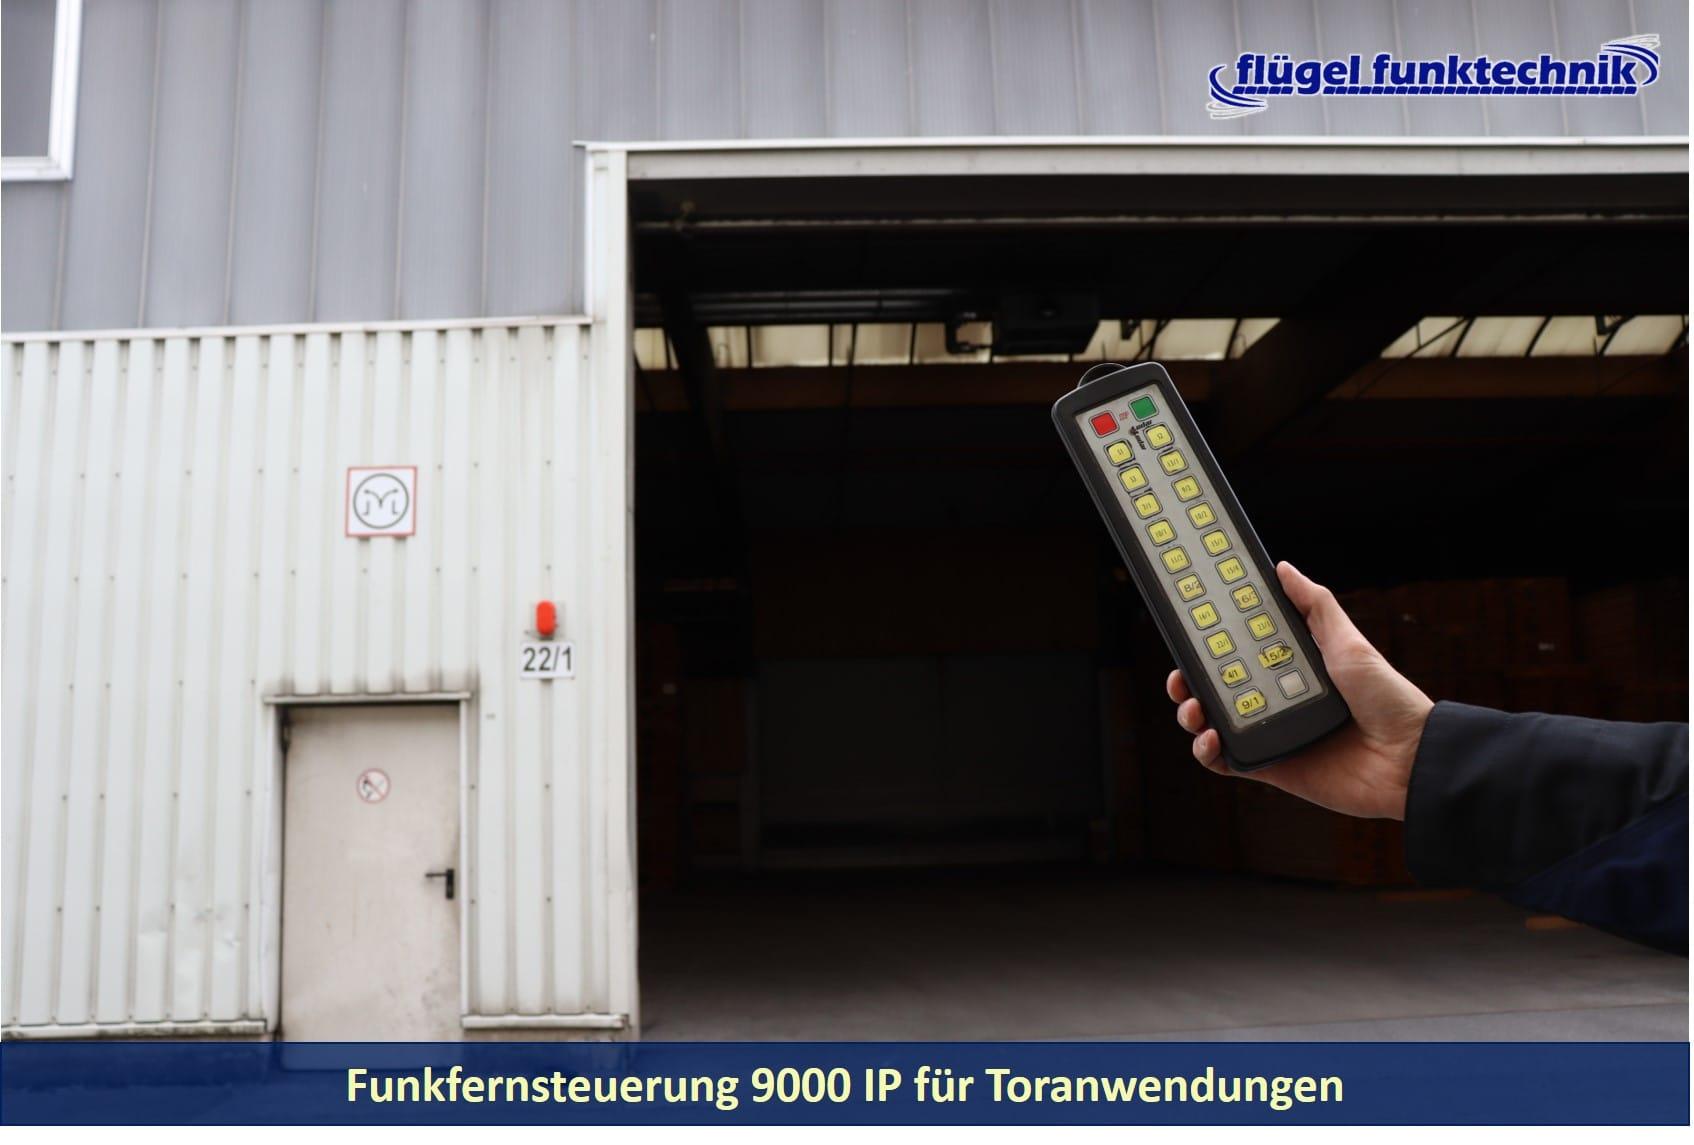 Funkfernsteuerung 9000 IP für Toranwendungen